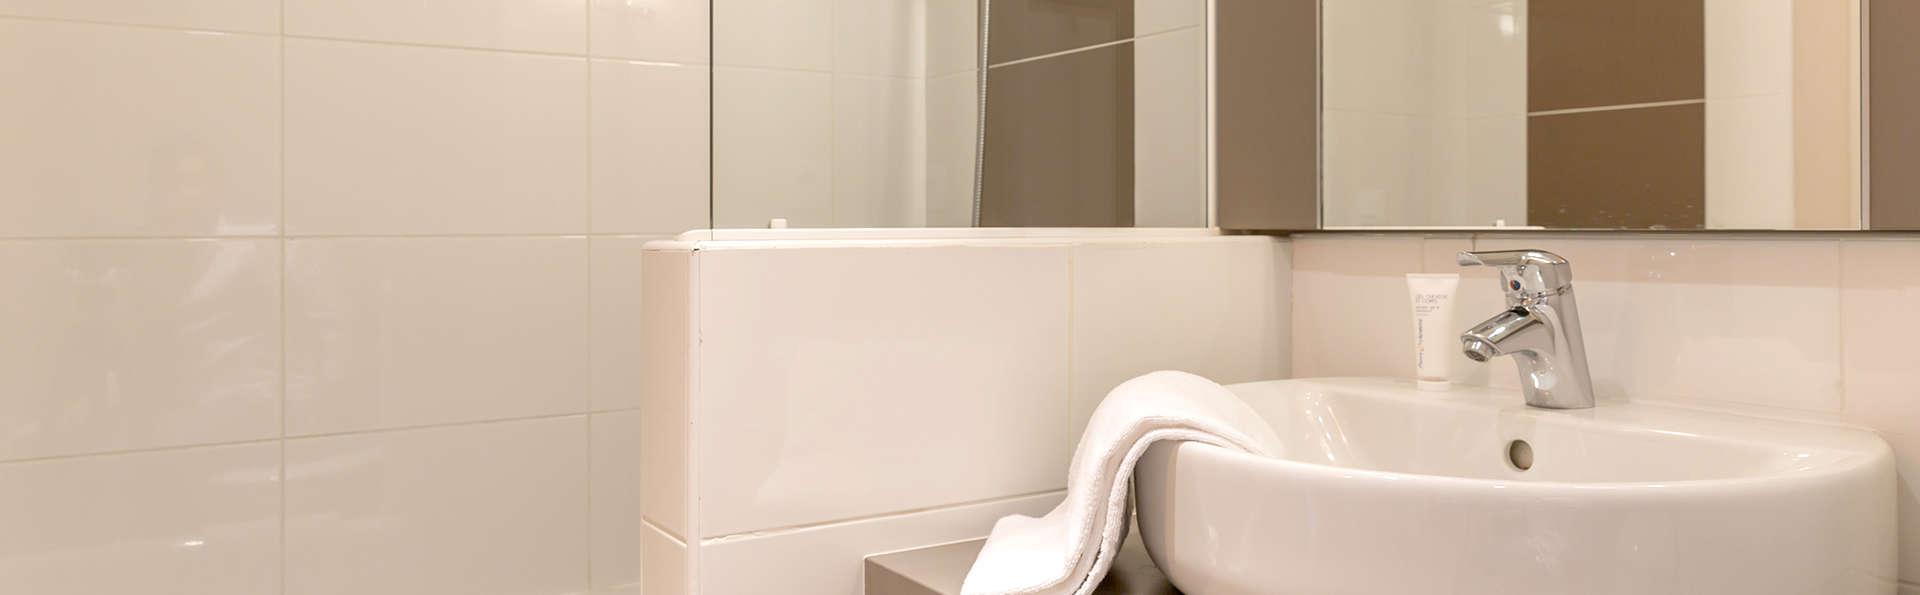 Pierre et Vacances Le Chant des Oiseaux - Edit_Bathroom.jpg